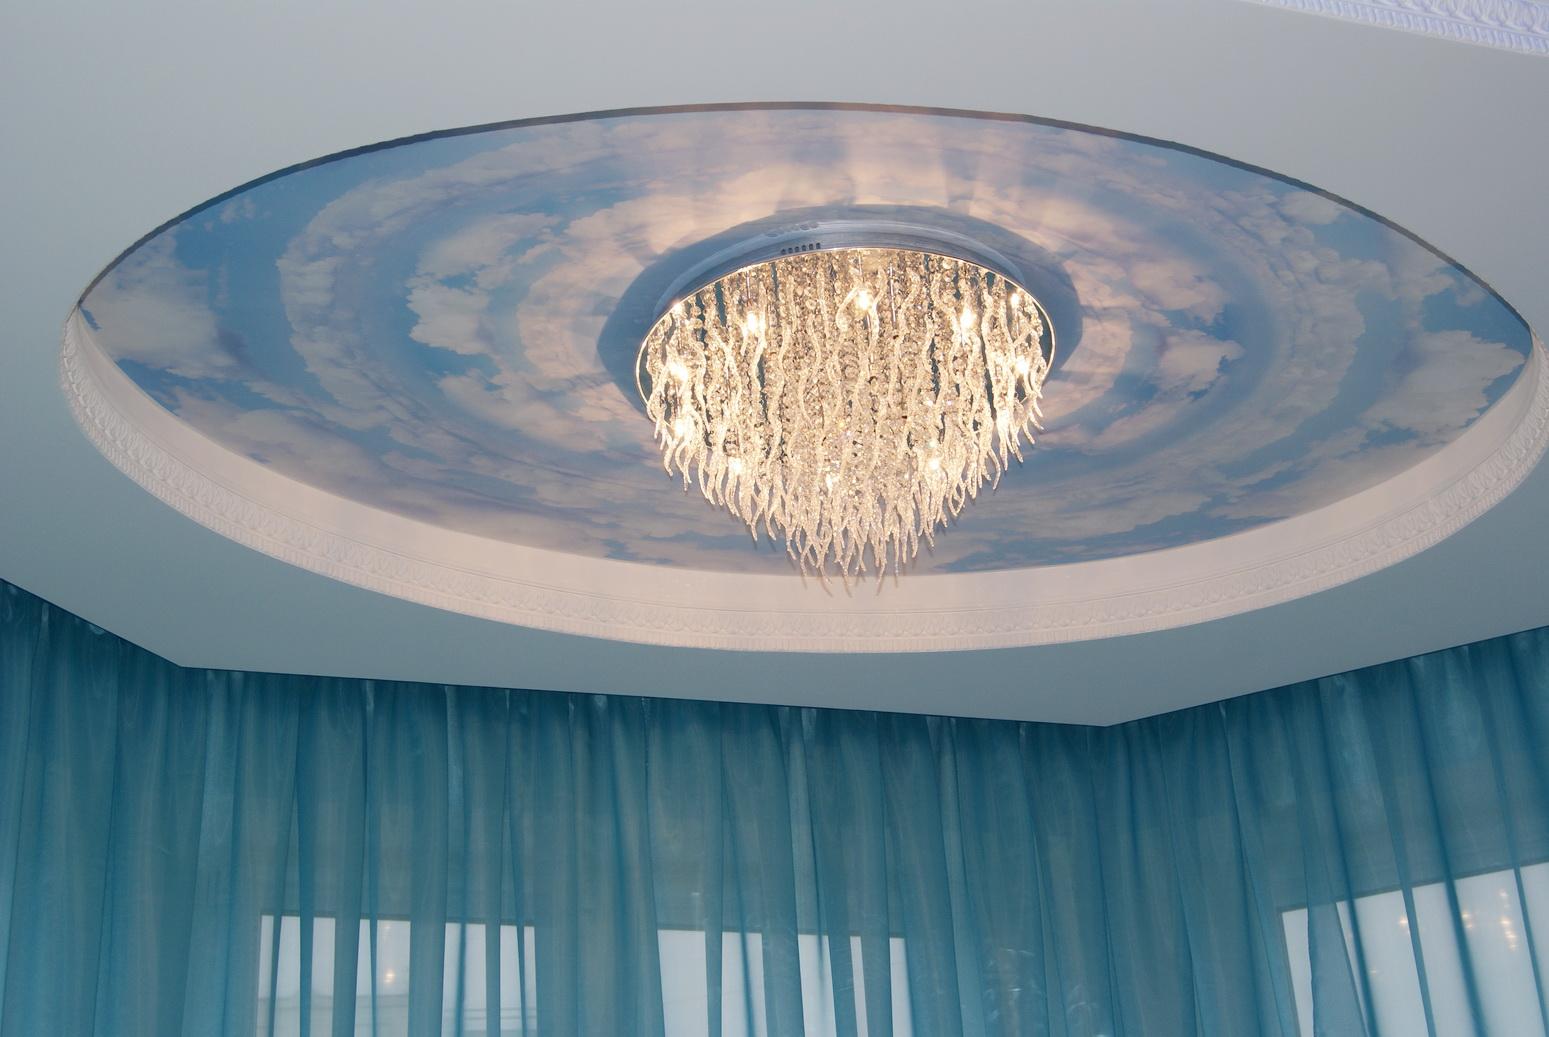 Круглый потолок с рисунком